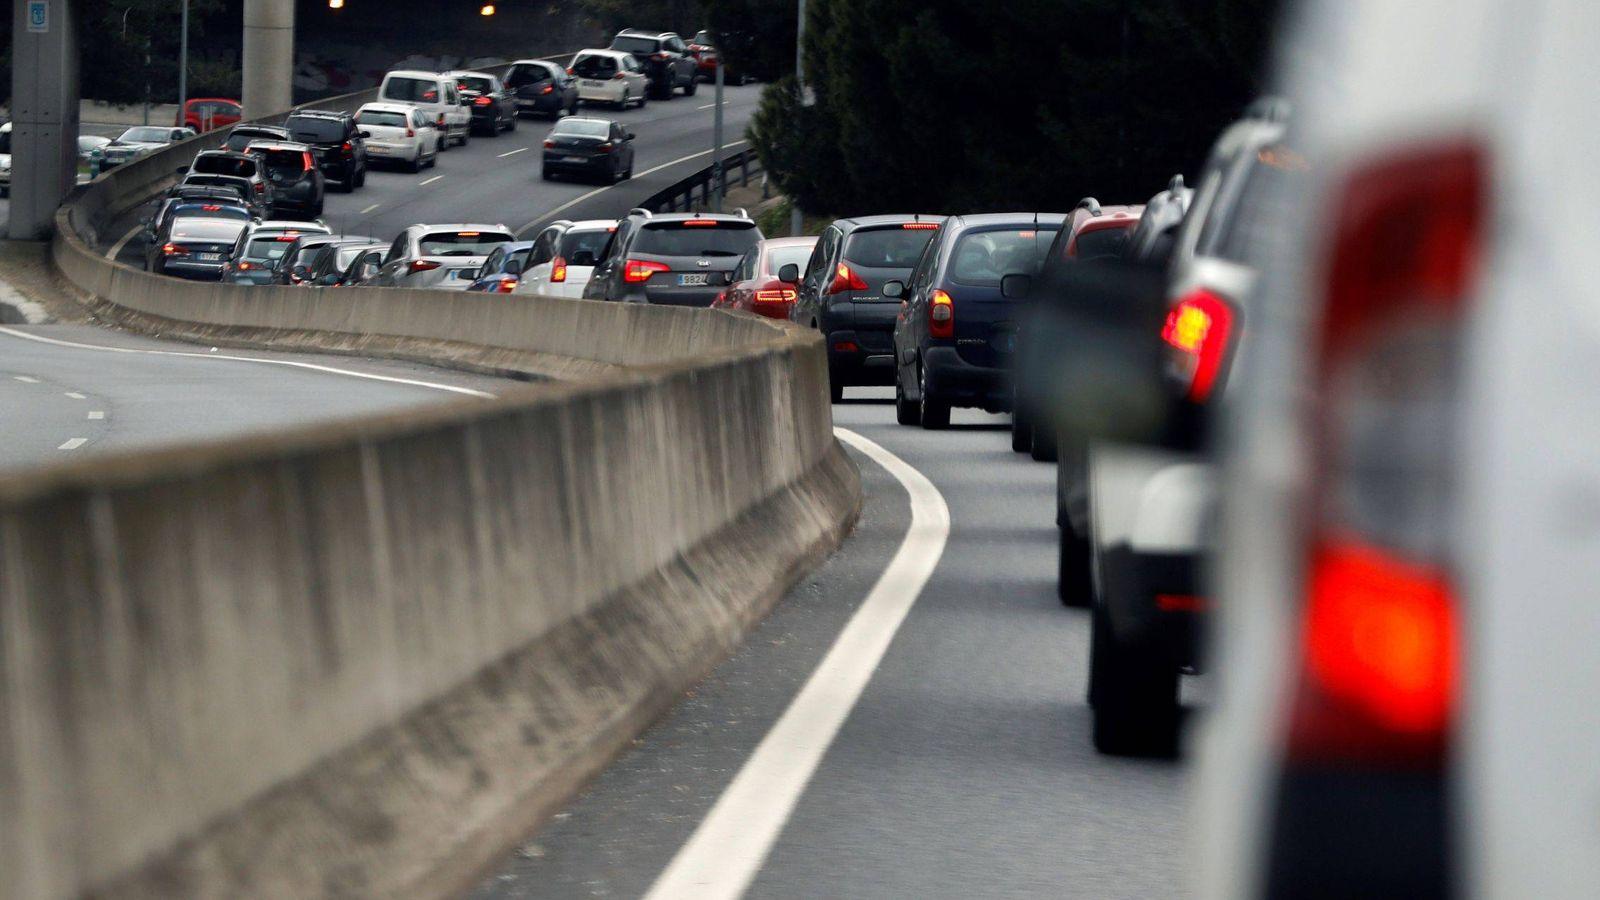 Foto: Complicaciones en la carretera tras un accidente de tráfico - Archivo. (EFE)